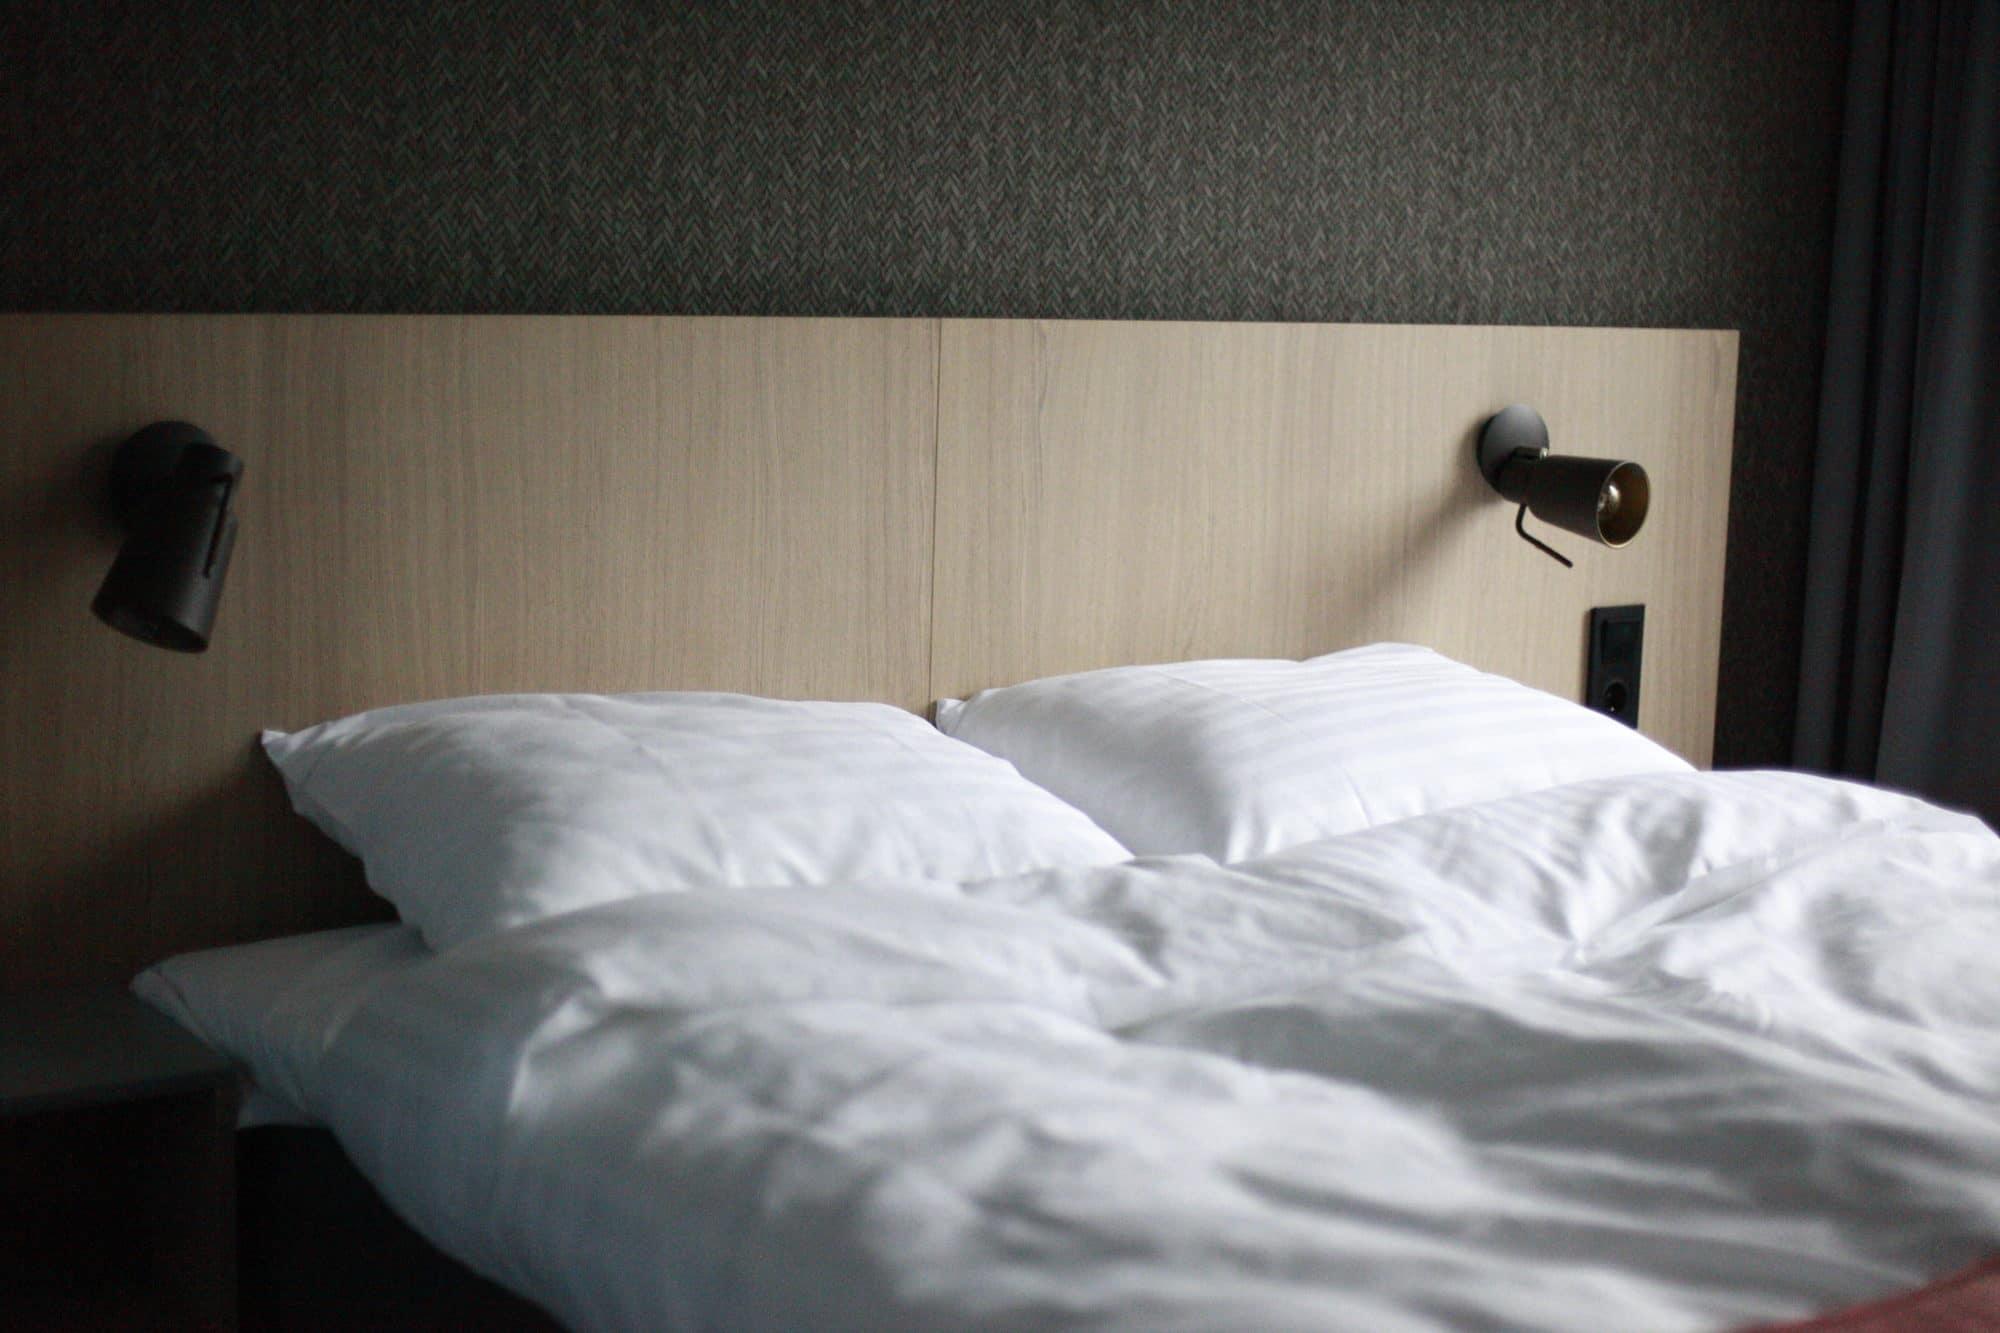 Måndalen hotellkonsept, bilde av seng på Hotel Geist